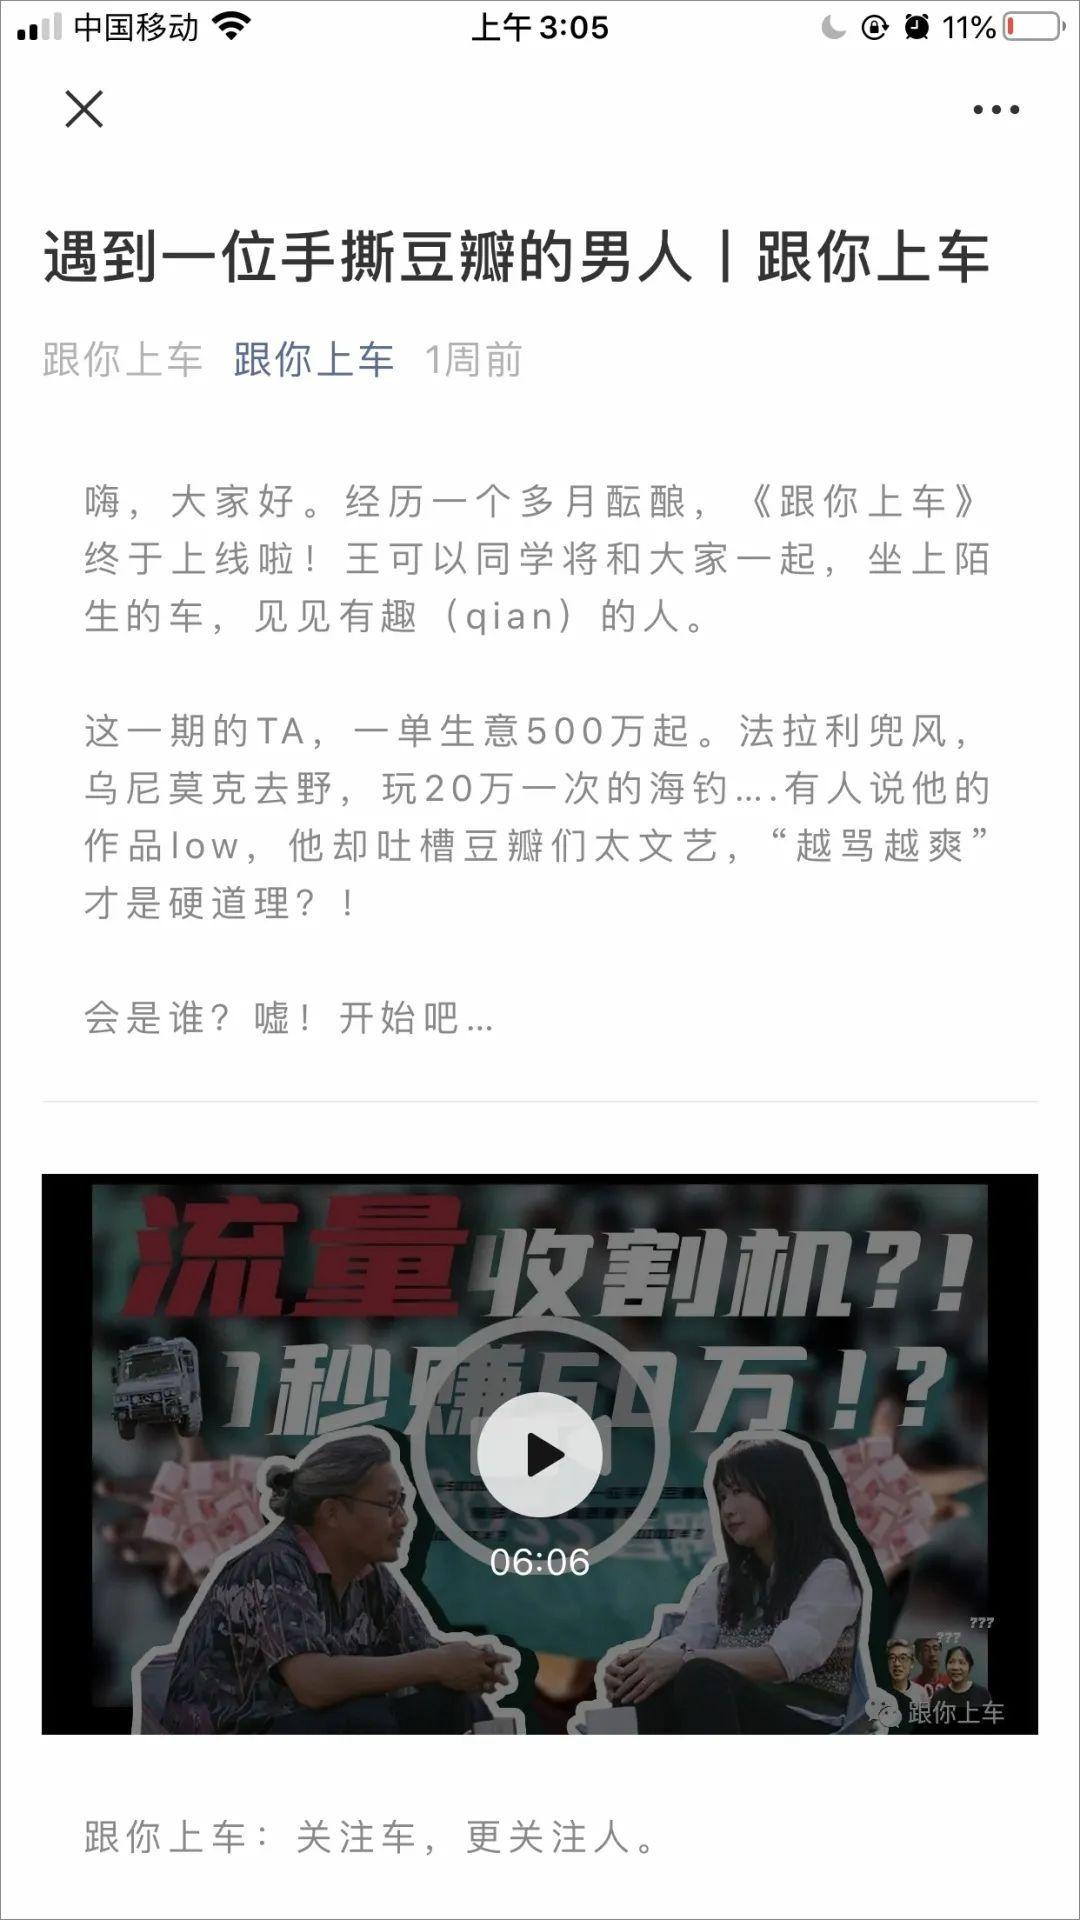 代办广州营业执照这次短视频创业失败,我打算去白云机场卖奶茶